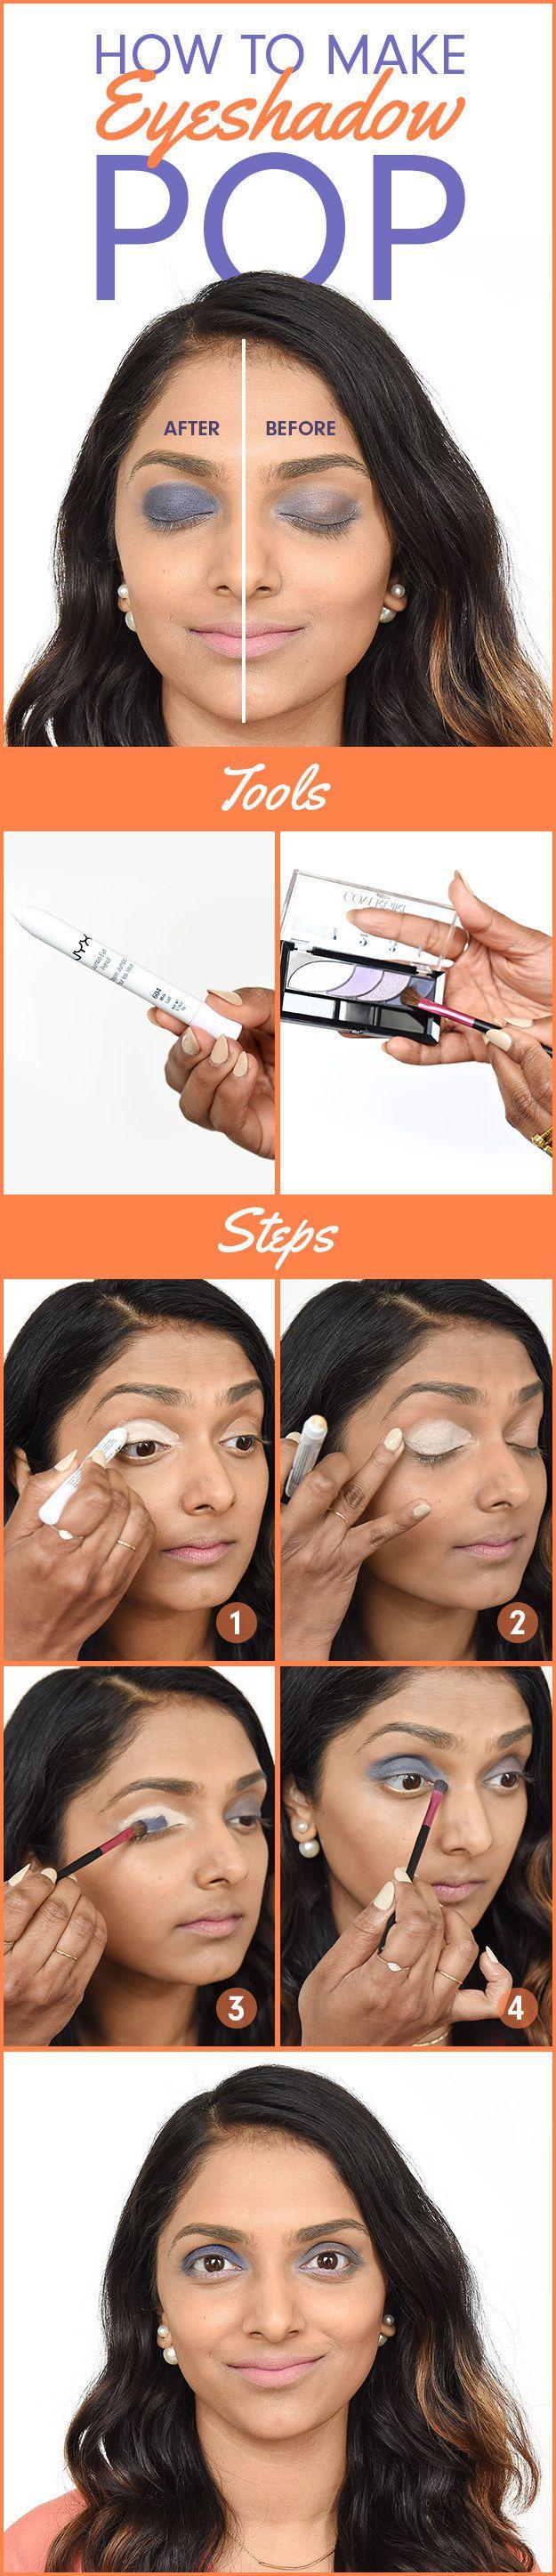 Bereite Deine Augen mit weißem Eyeliner oder Lidschatten vor, damit bunte Lidschatten und Eyeliner noch mehr leuchten.